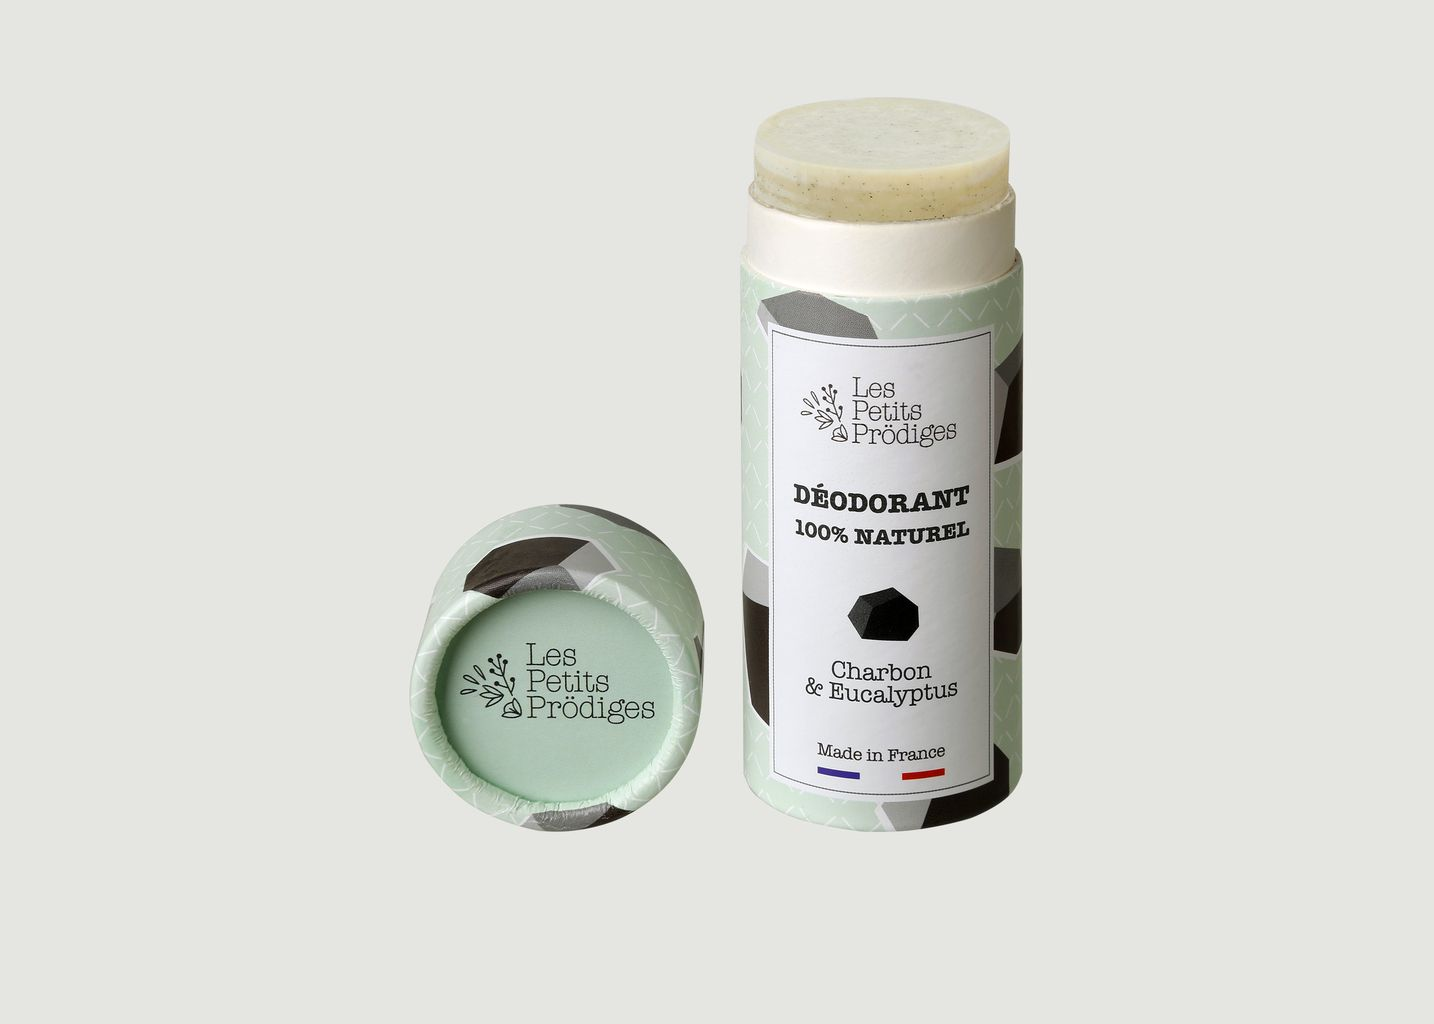 Déodorant Charbon et Eucalyptus 65g - Les Petits Prödiges